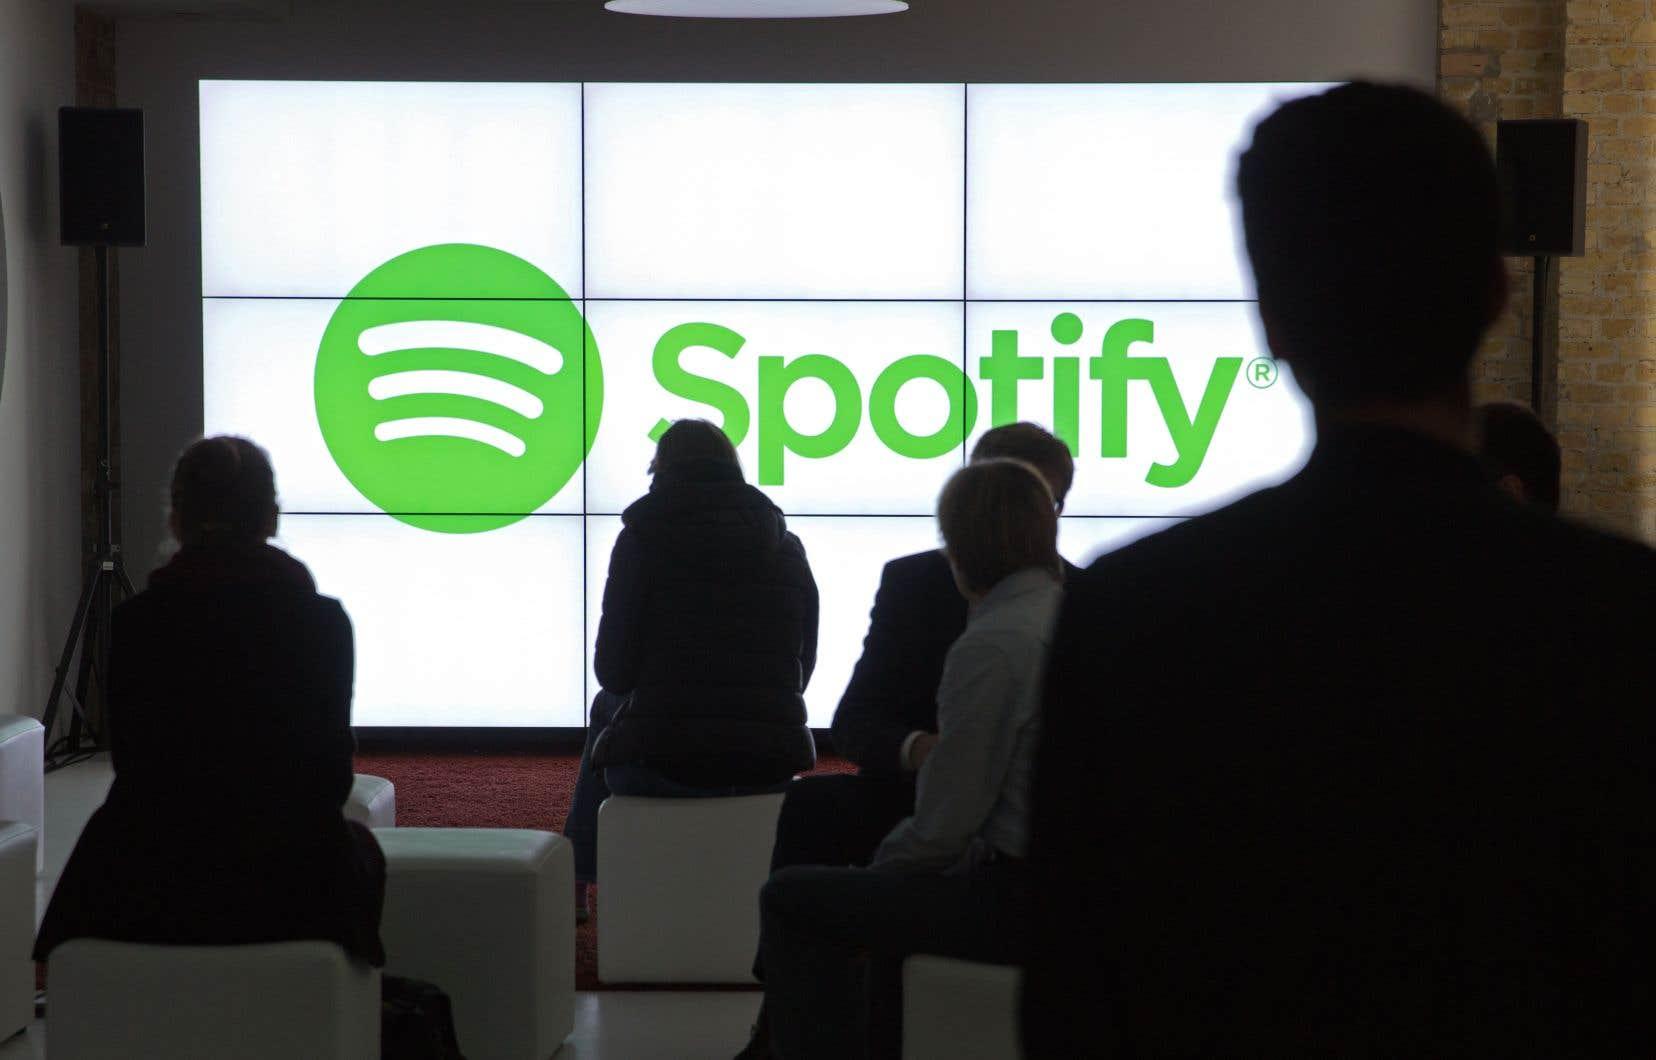 Spotify a déjà produit des balados originaux, dont une série avec l'humoriste Amy Schumer et une autre avec le rappeur et diffuseur Joe Budden.